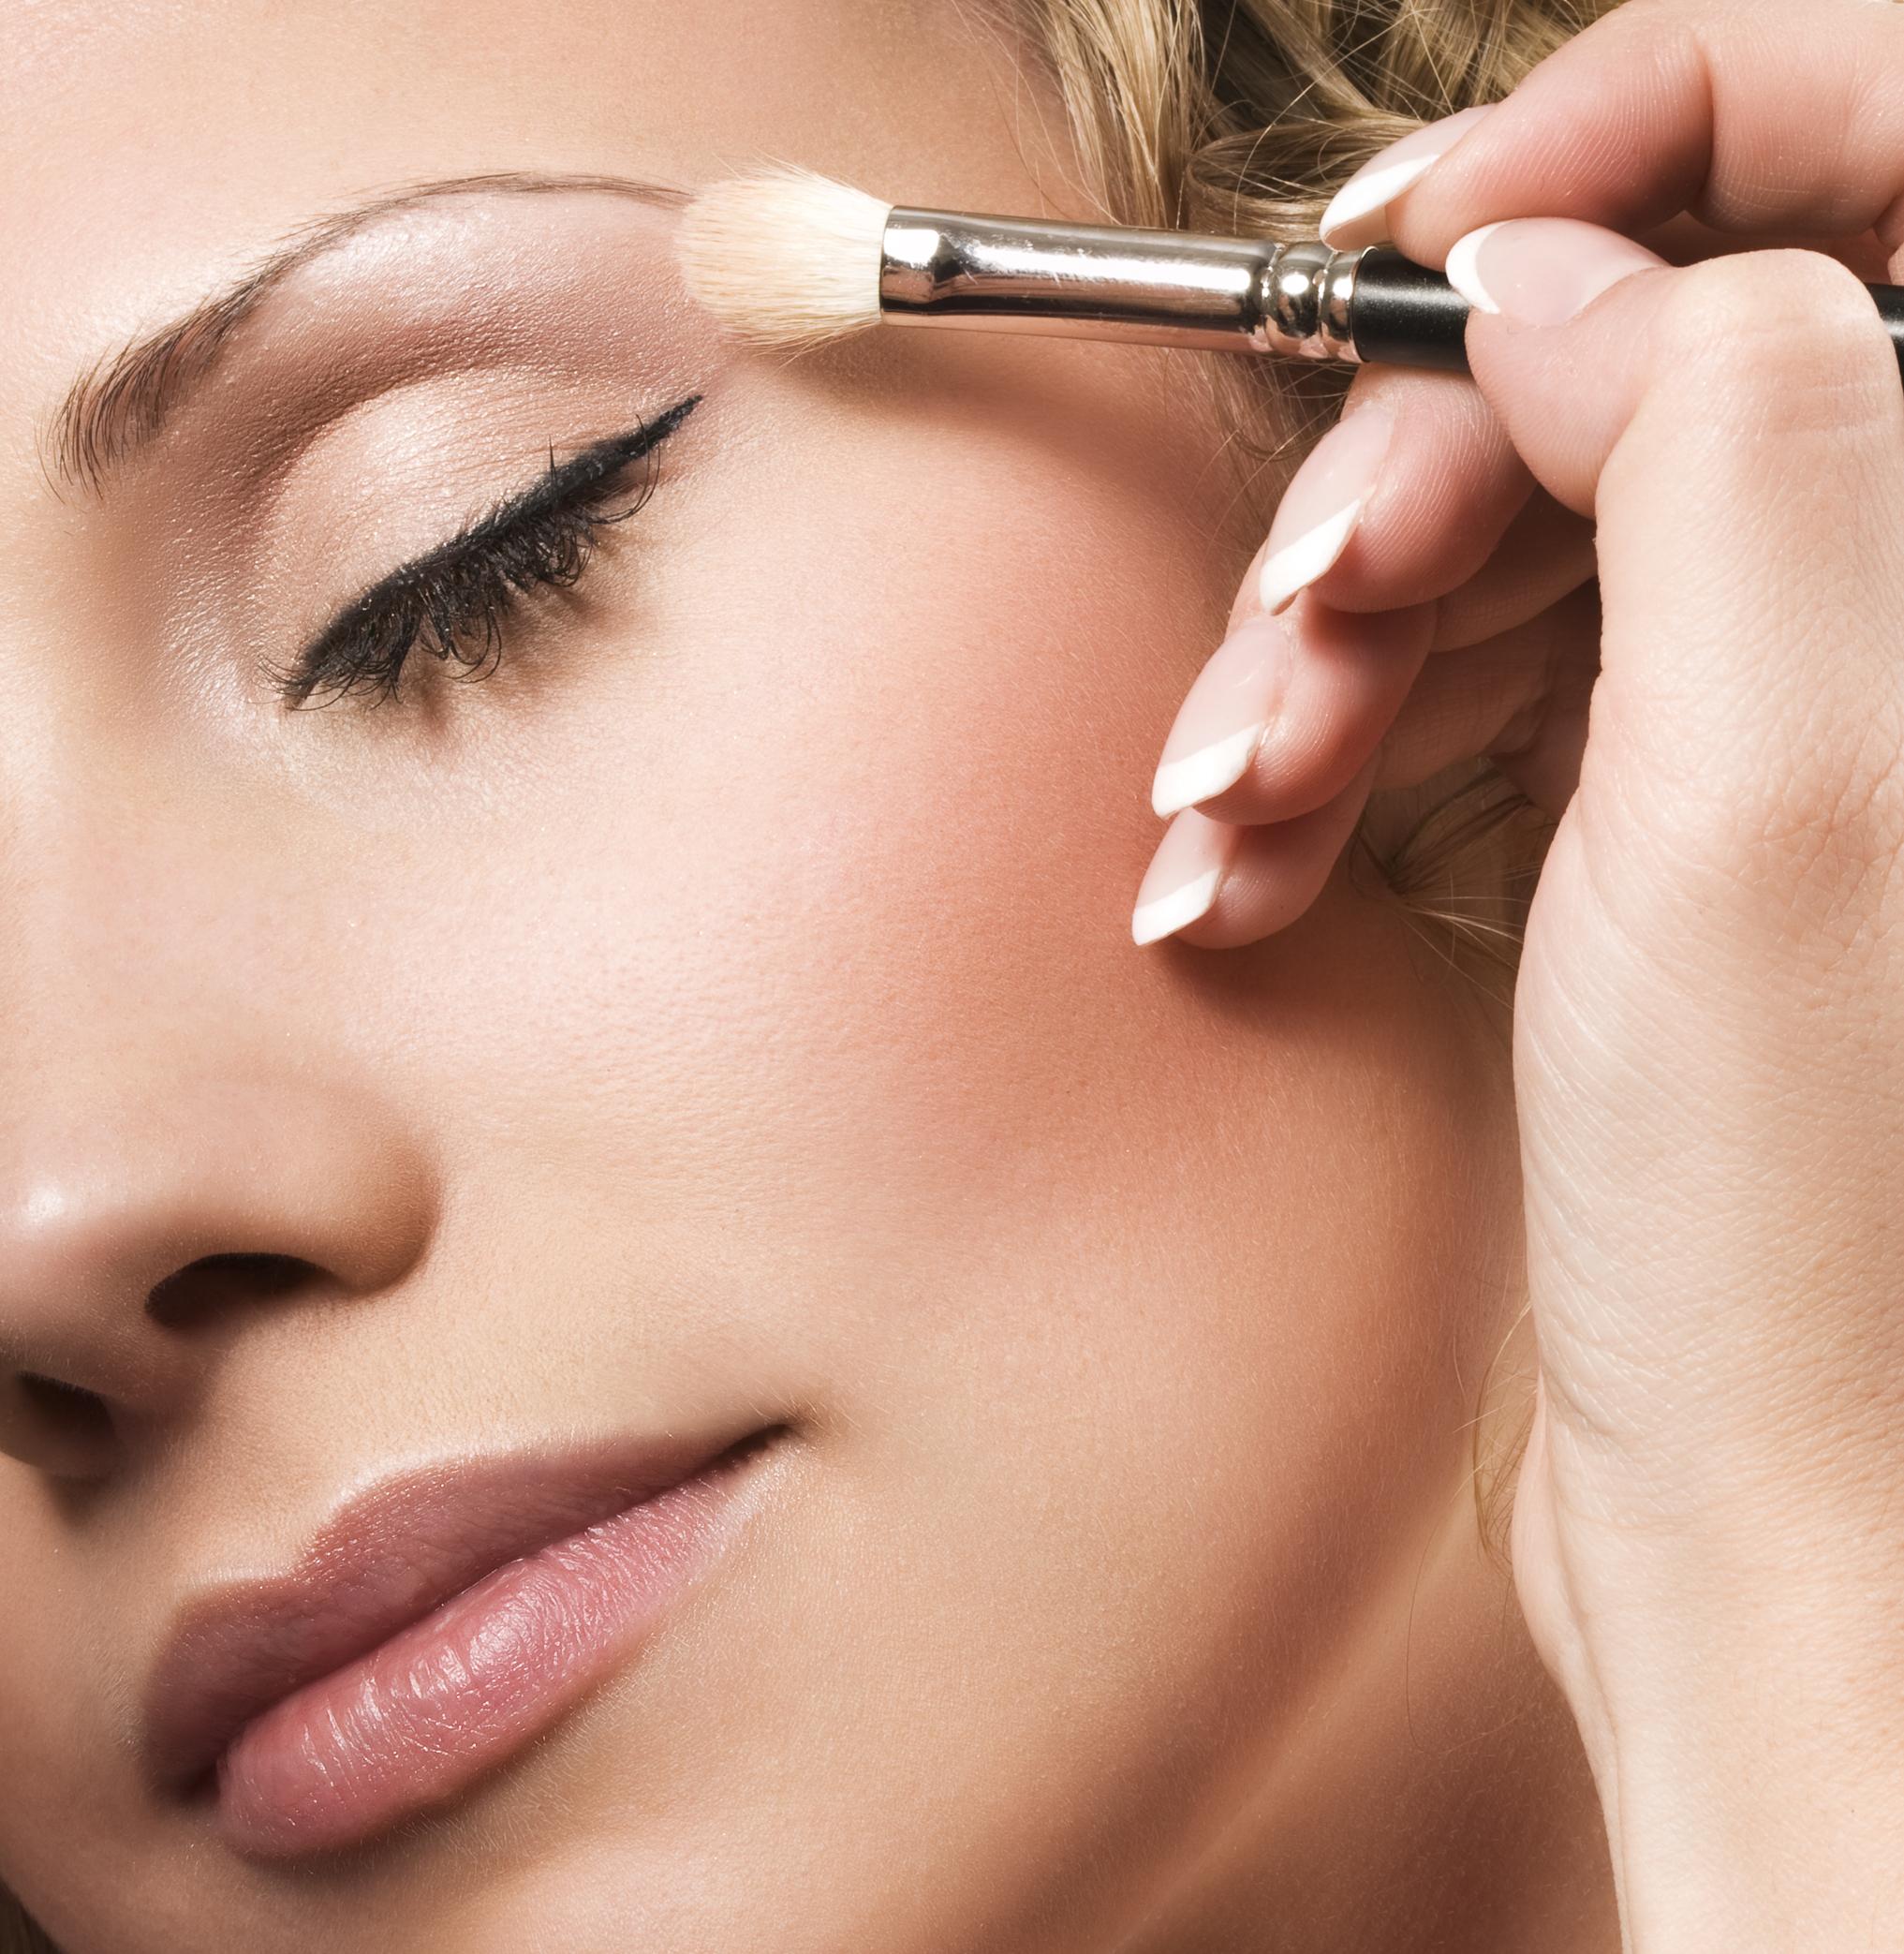 makijaż wizaż 2 Niespodziewana infekcja po wizycie u wizażysty